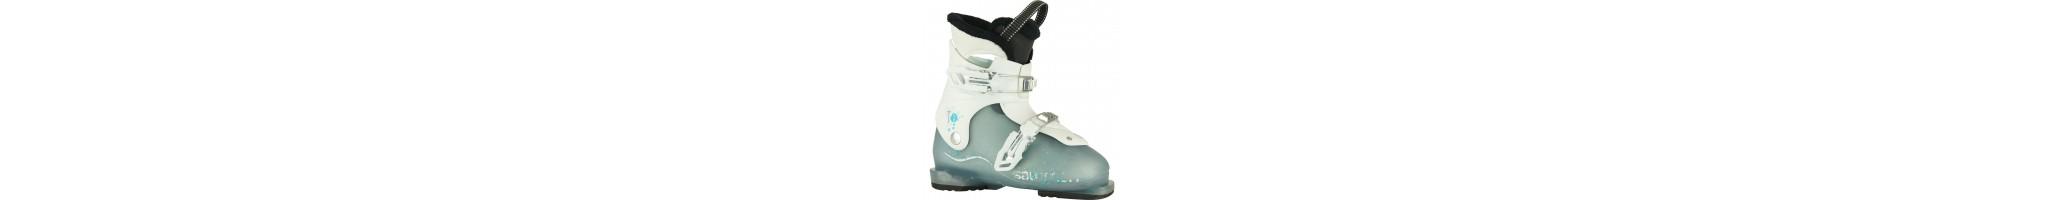 Ski de fond occasion, chaussure ski de fond skating et classique jusqu'à 60% sur LaBourseAuxSkis